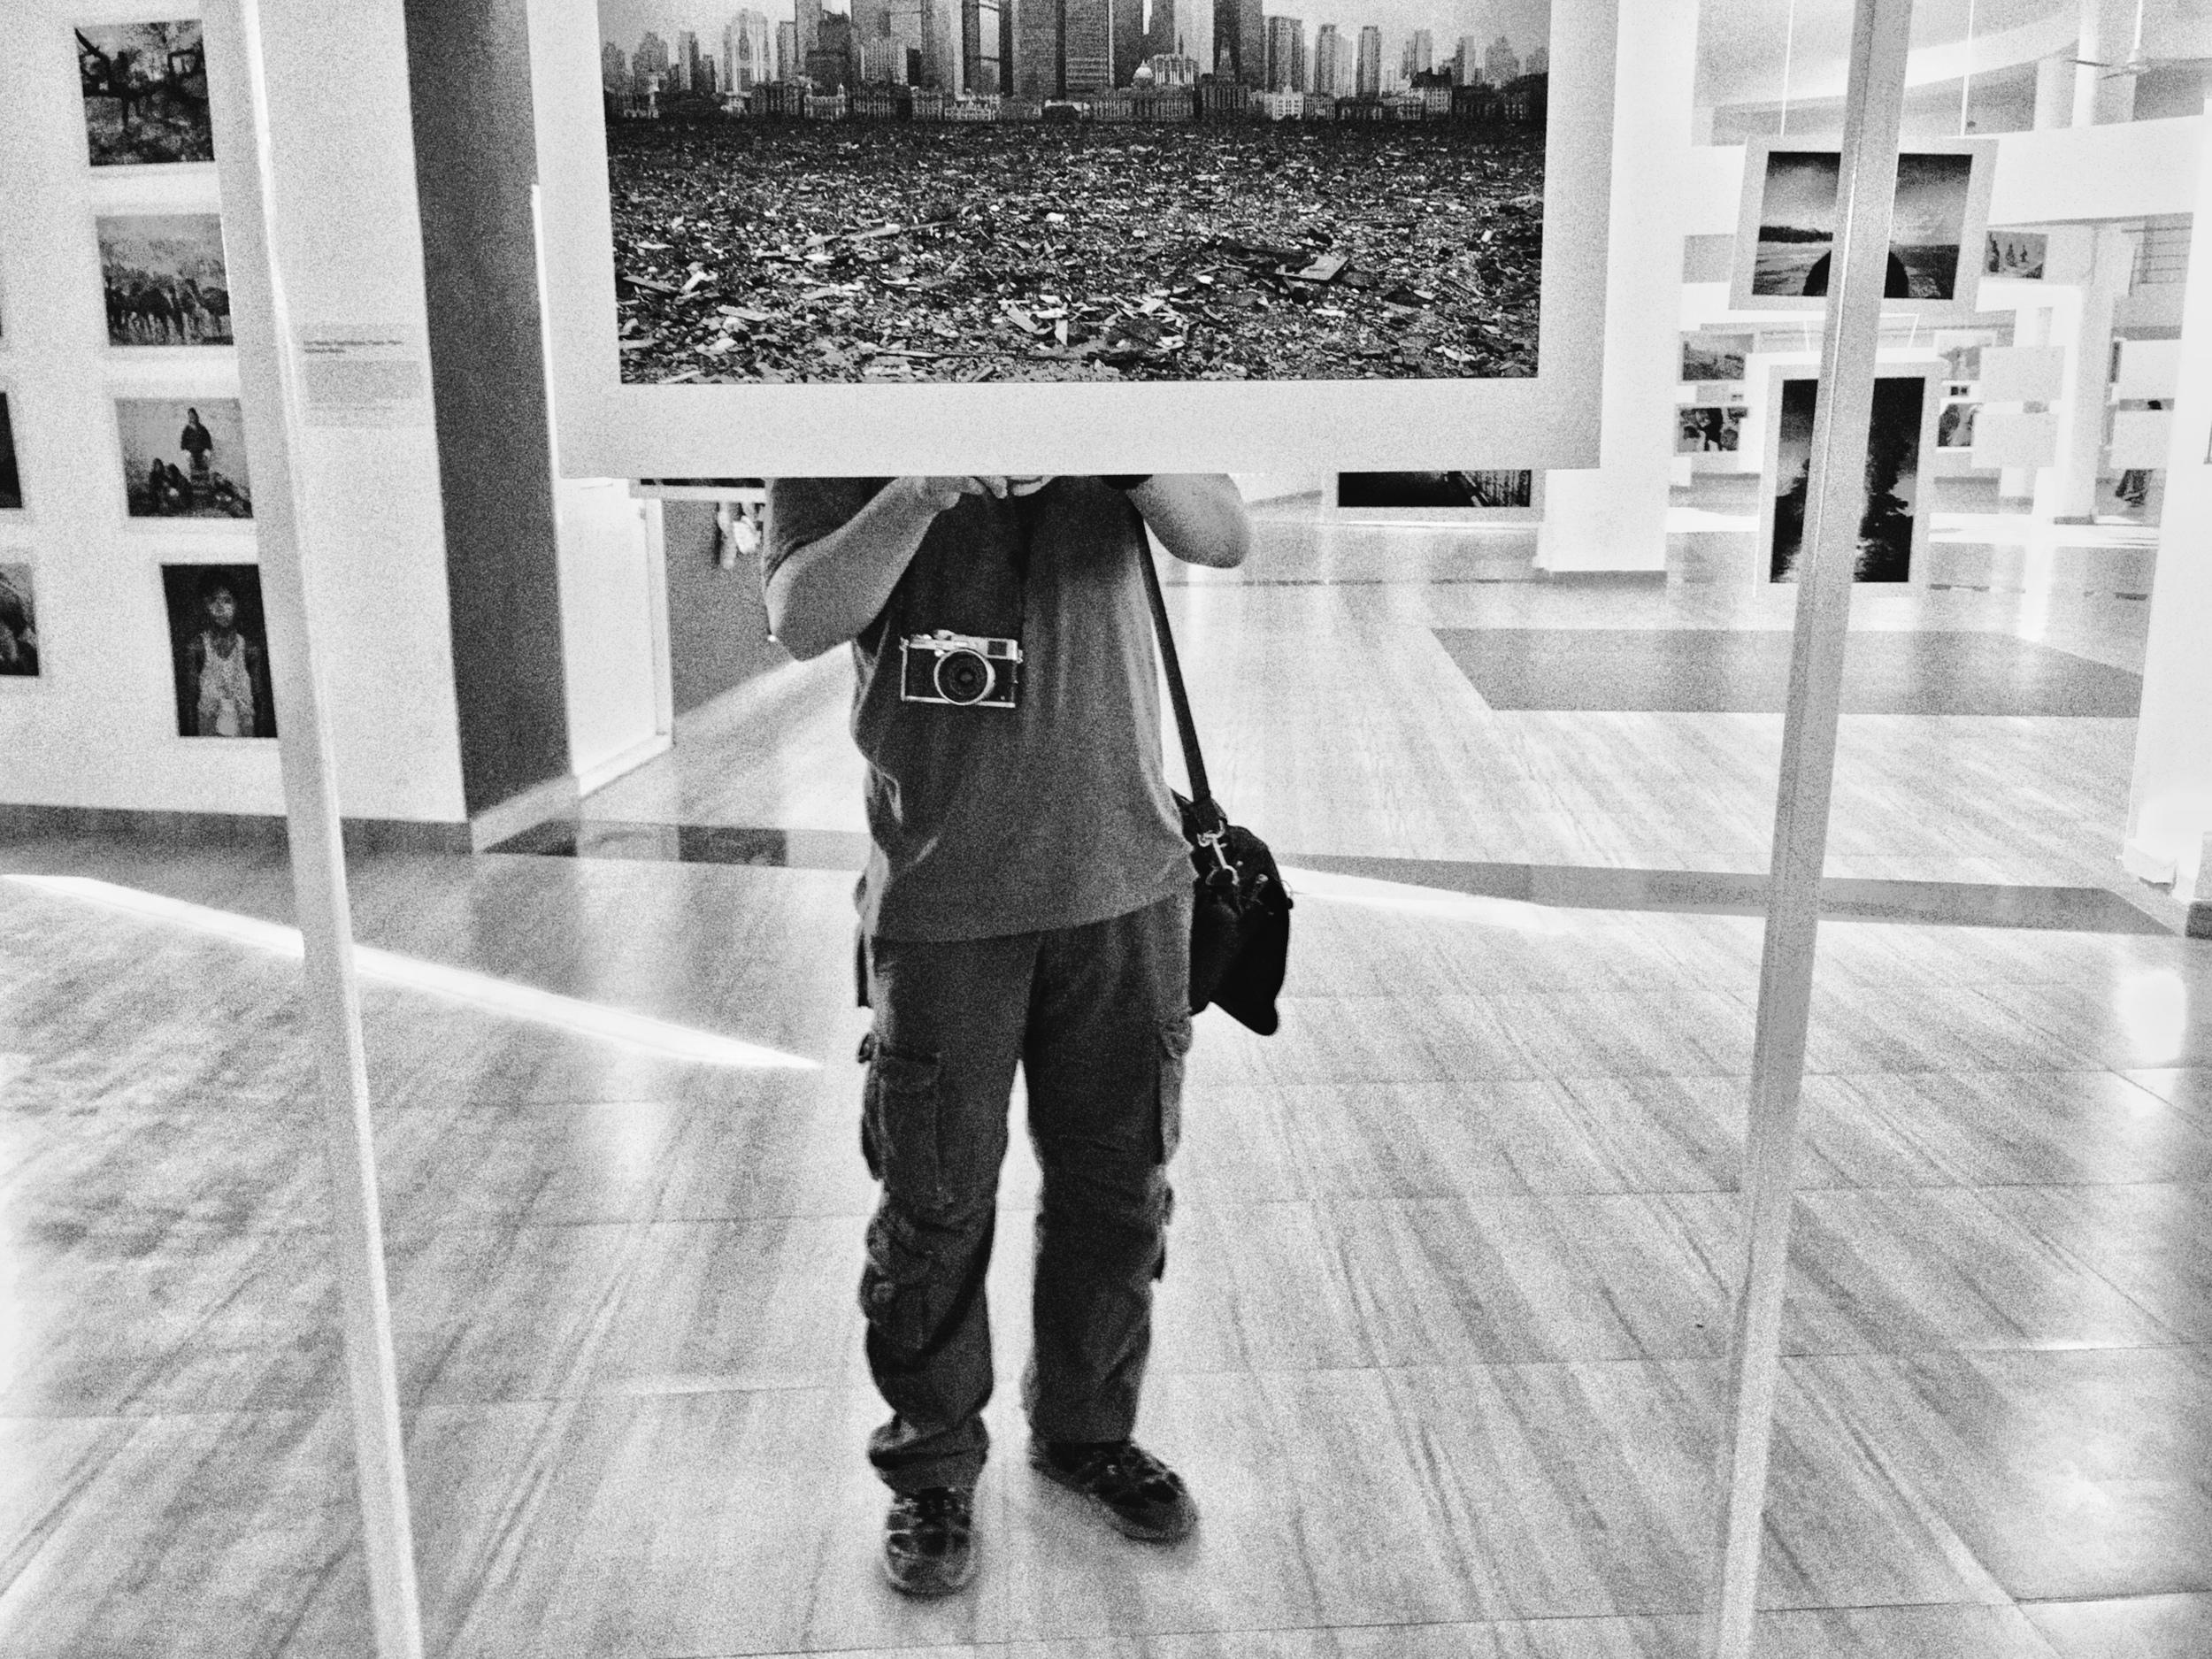 Nishal at the main gallery